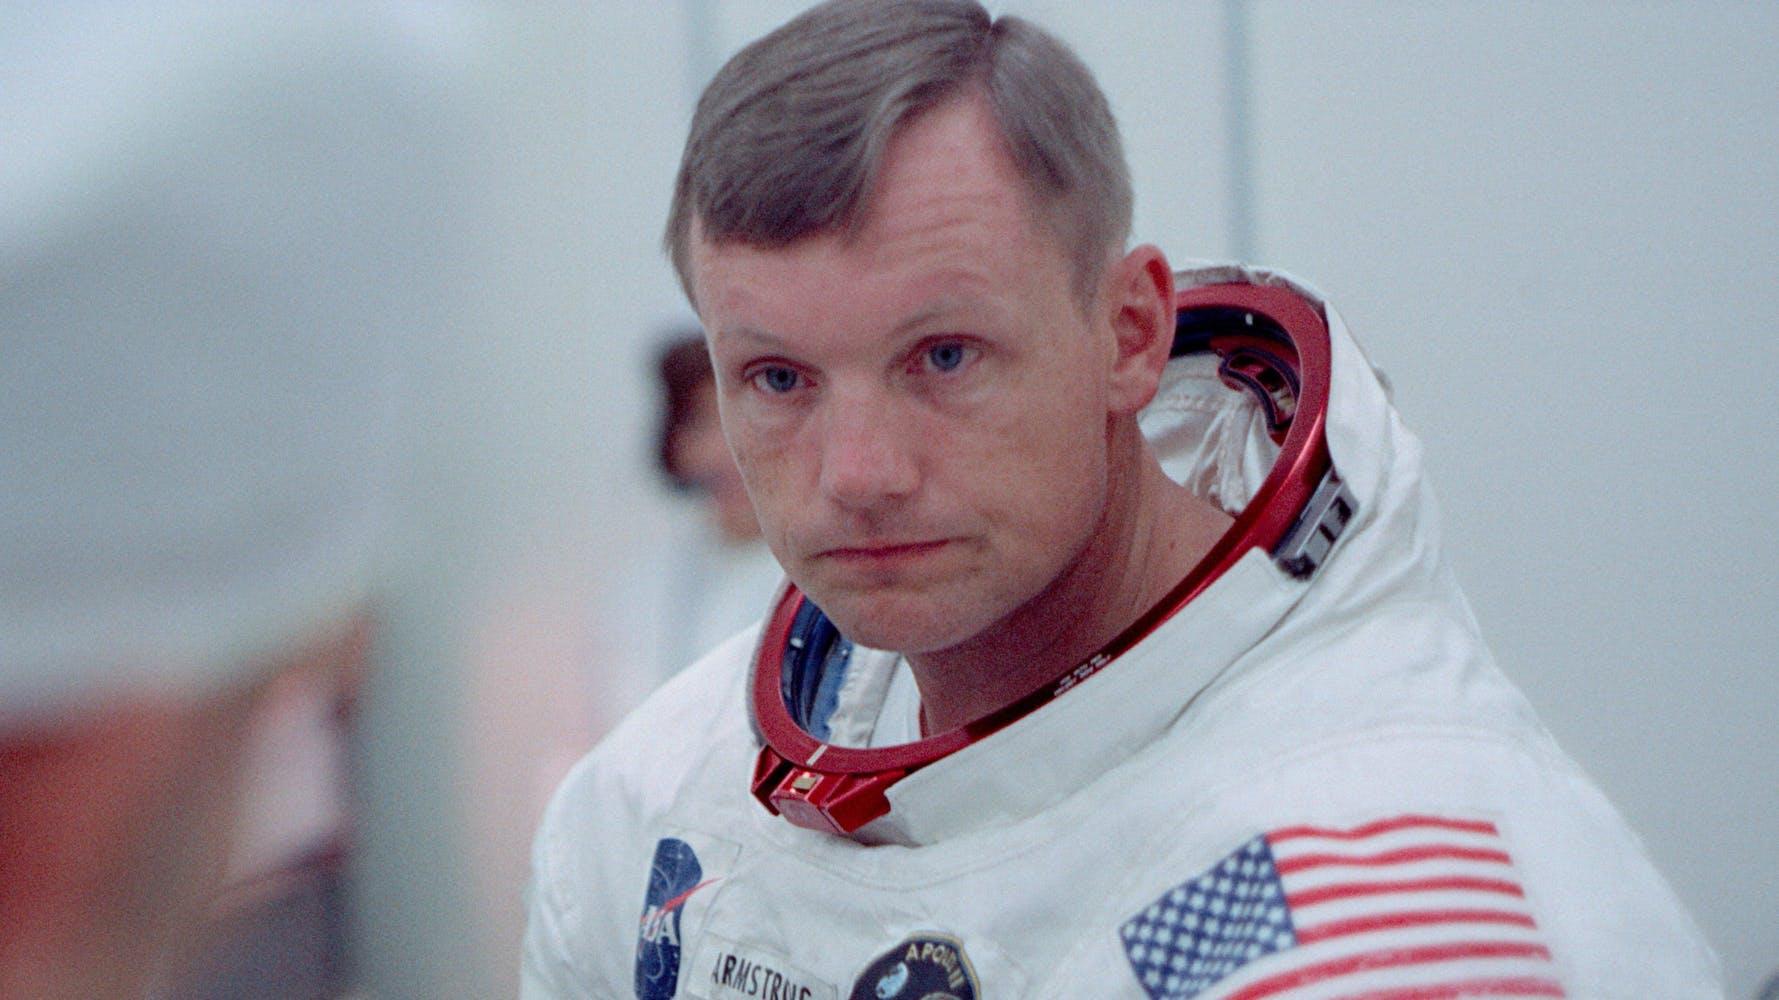 Astronaut Neil Armstrong in an astronaut uniform, helmet off.